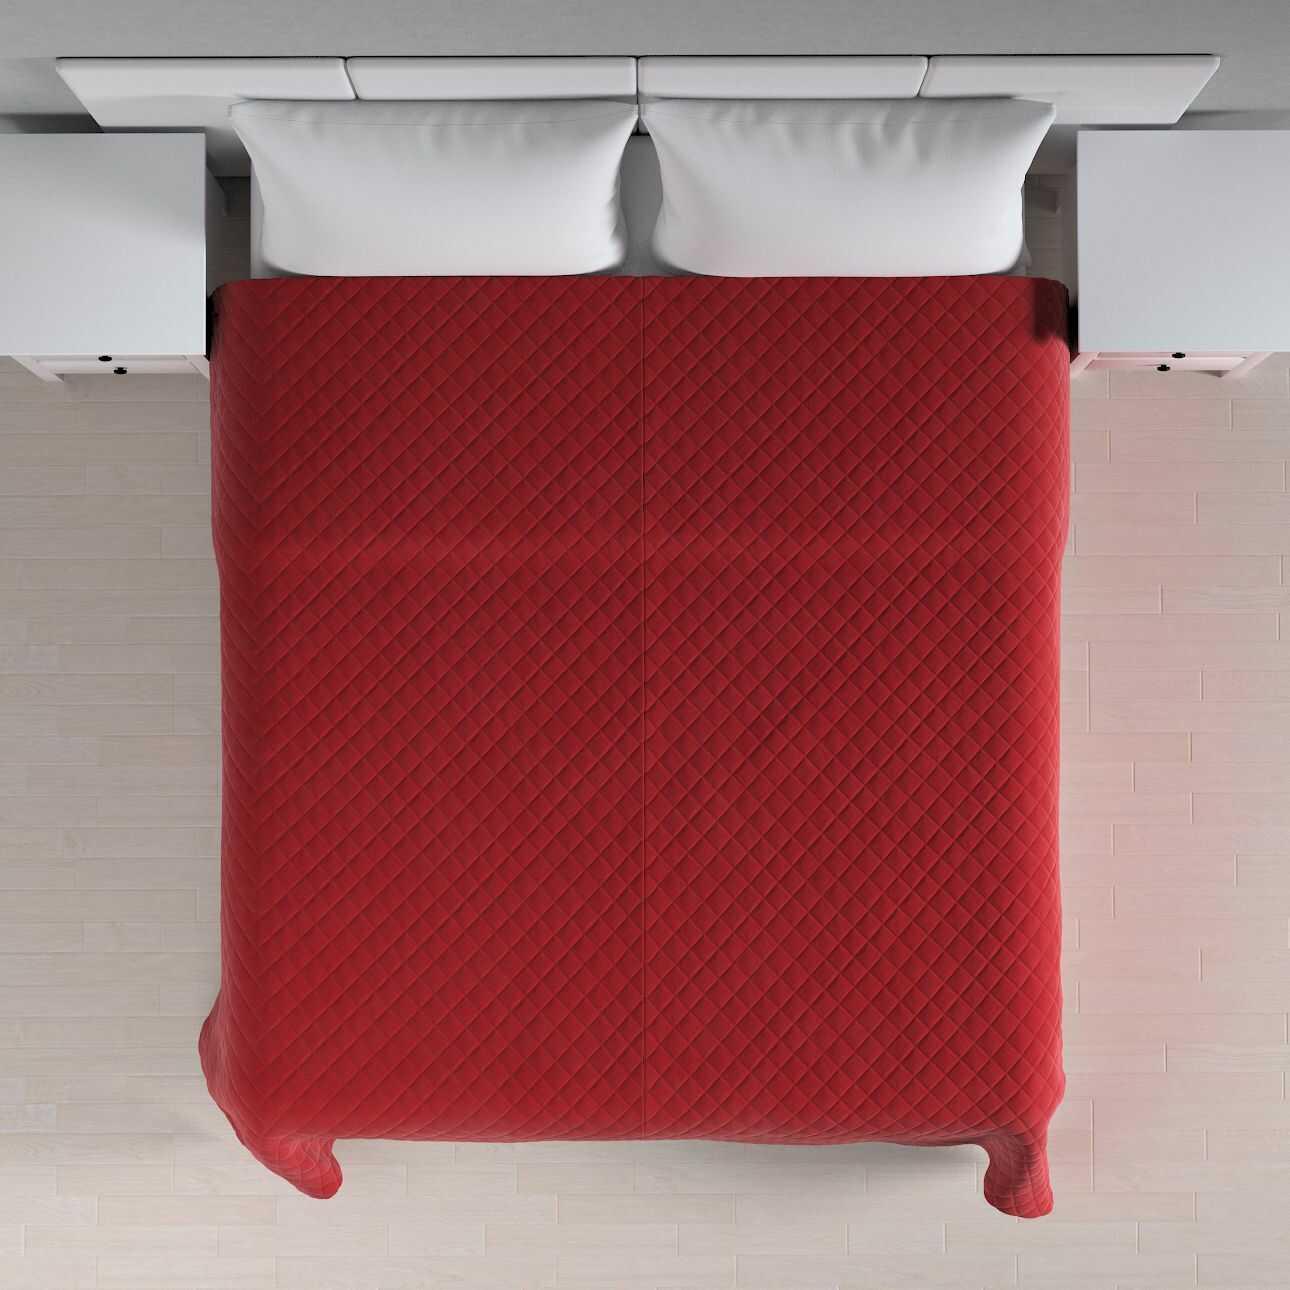 Narzuta pikowana w romby, intensywna czerwień, szer.210  dł.170 cm, Velvet